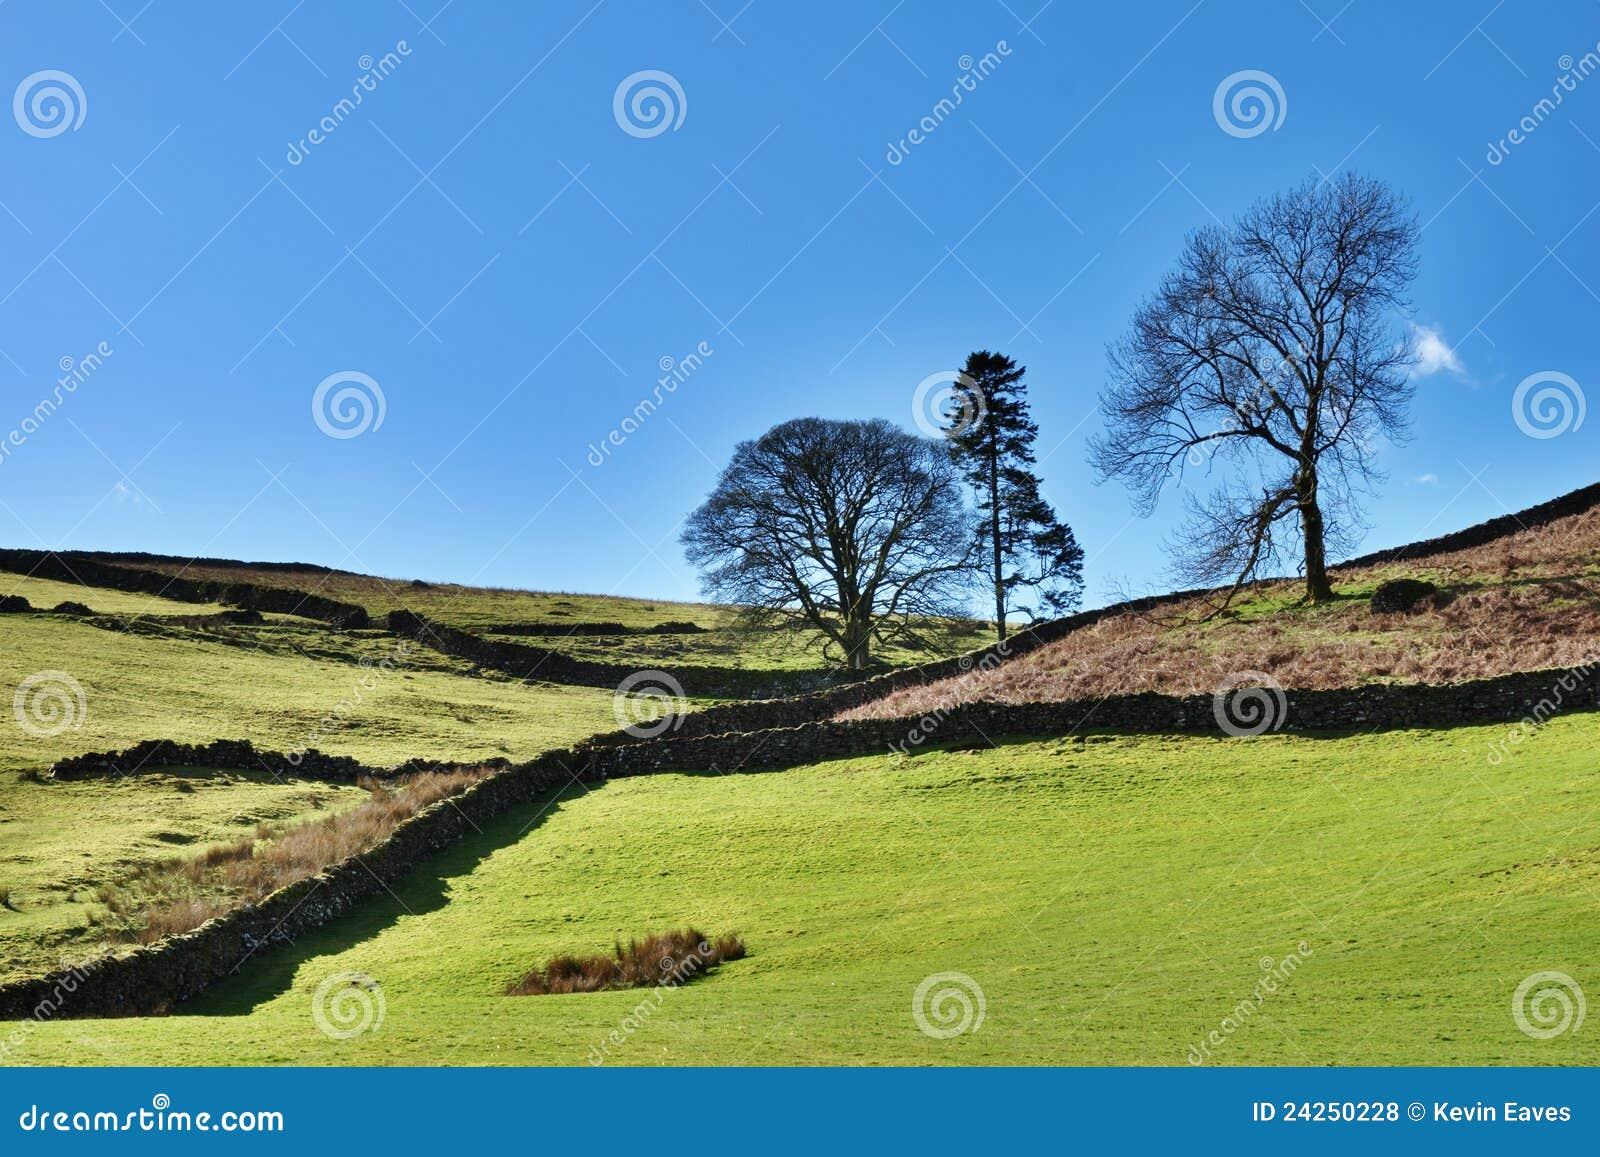 Districto inglés del lago farmland agrícolas